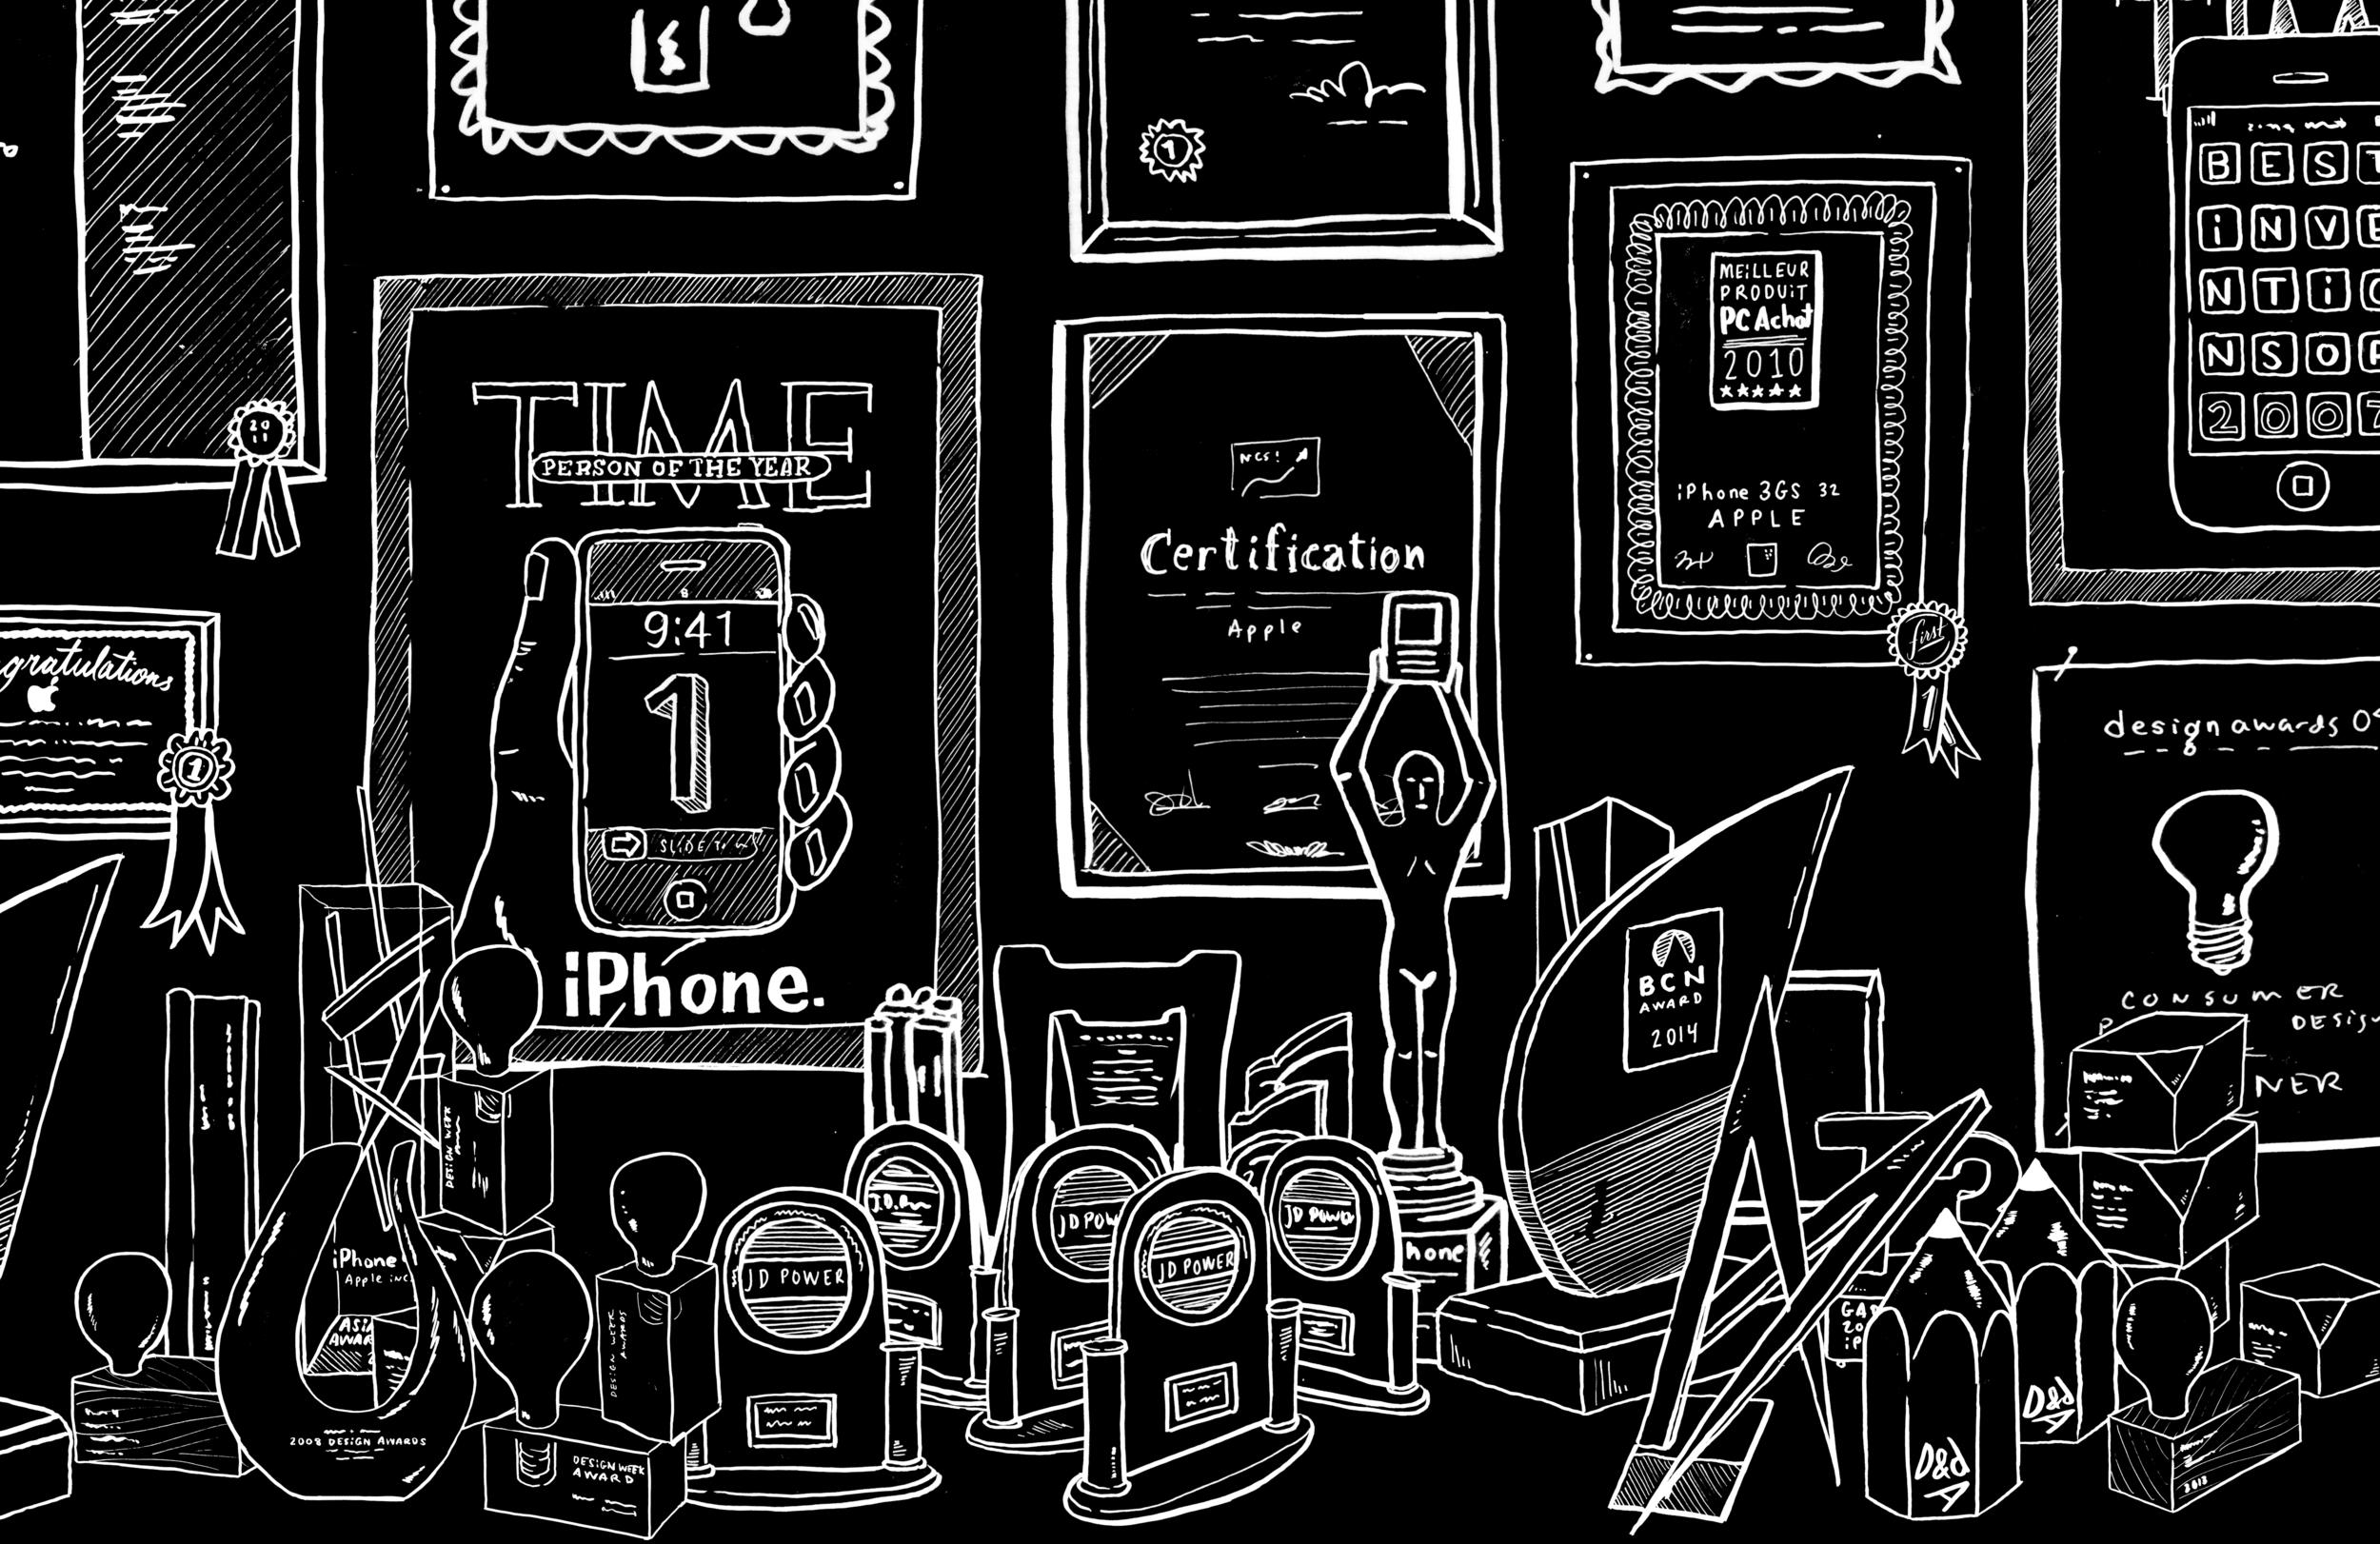 joel-holland-apple-keynote-illustrations